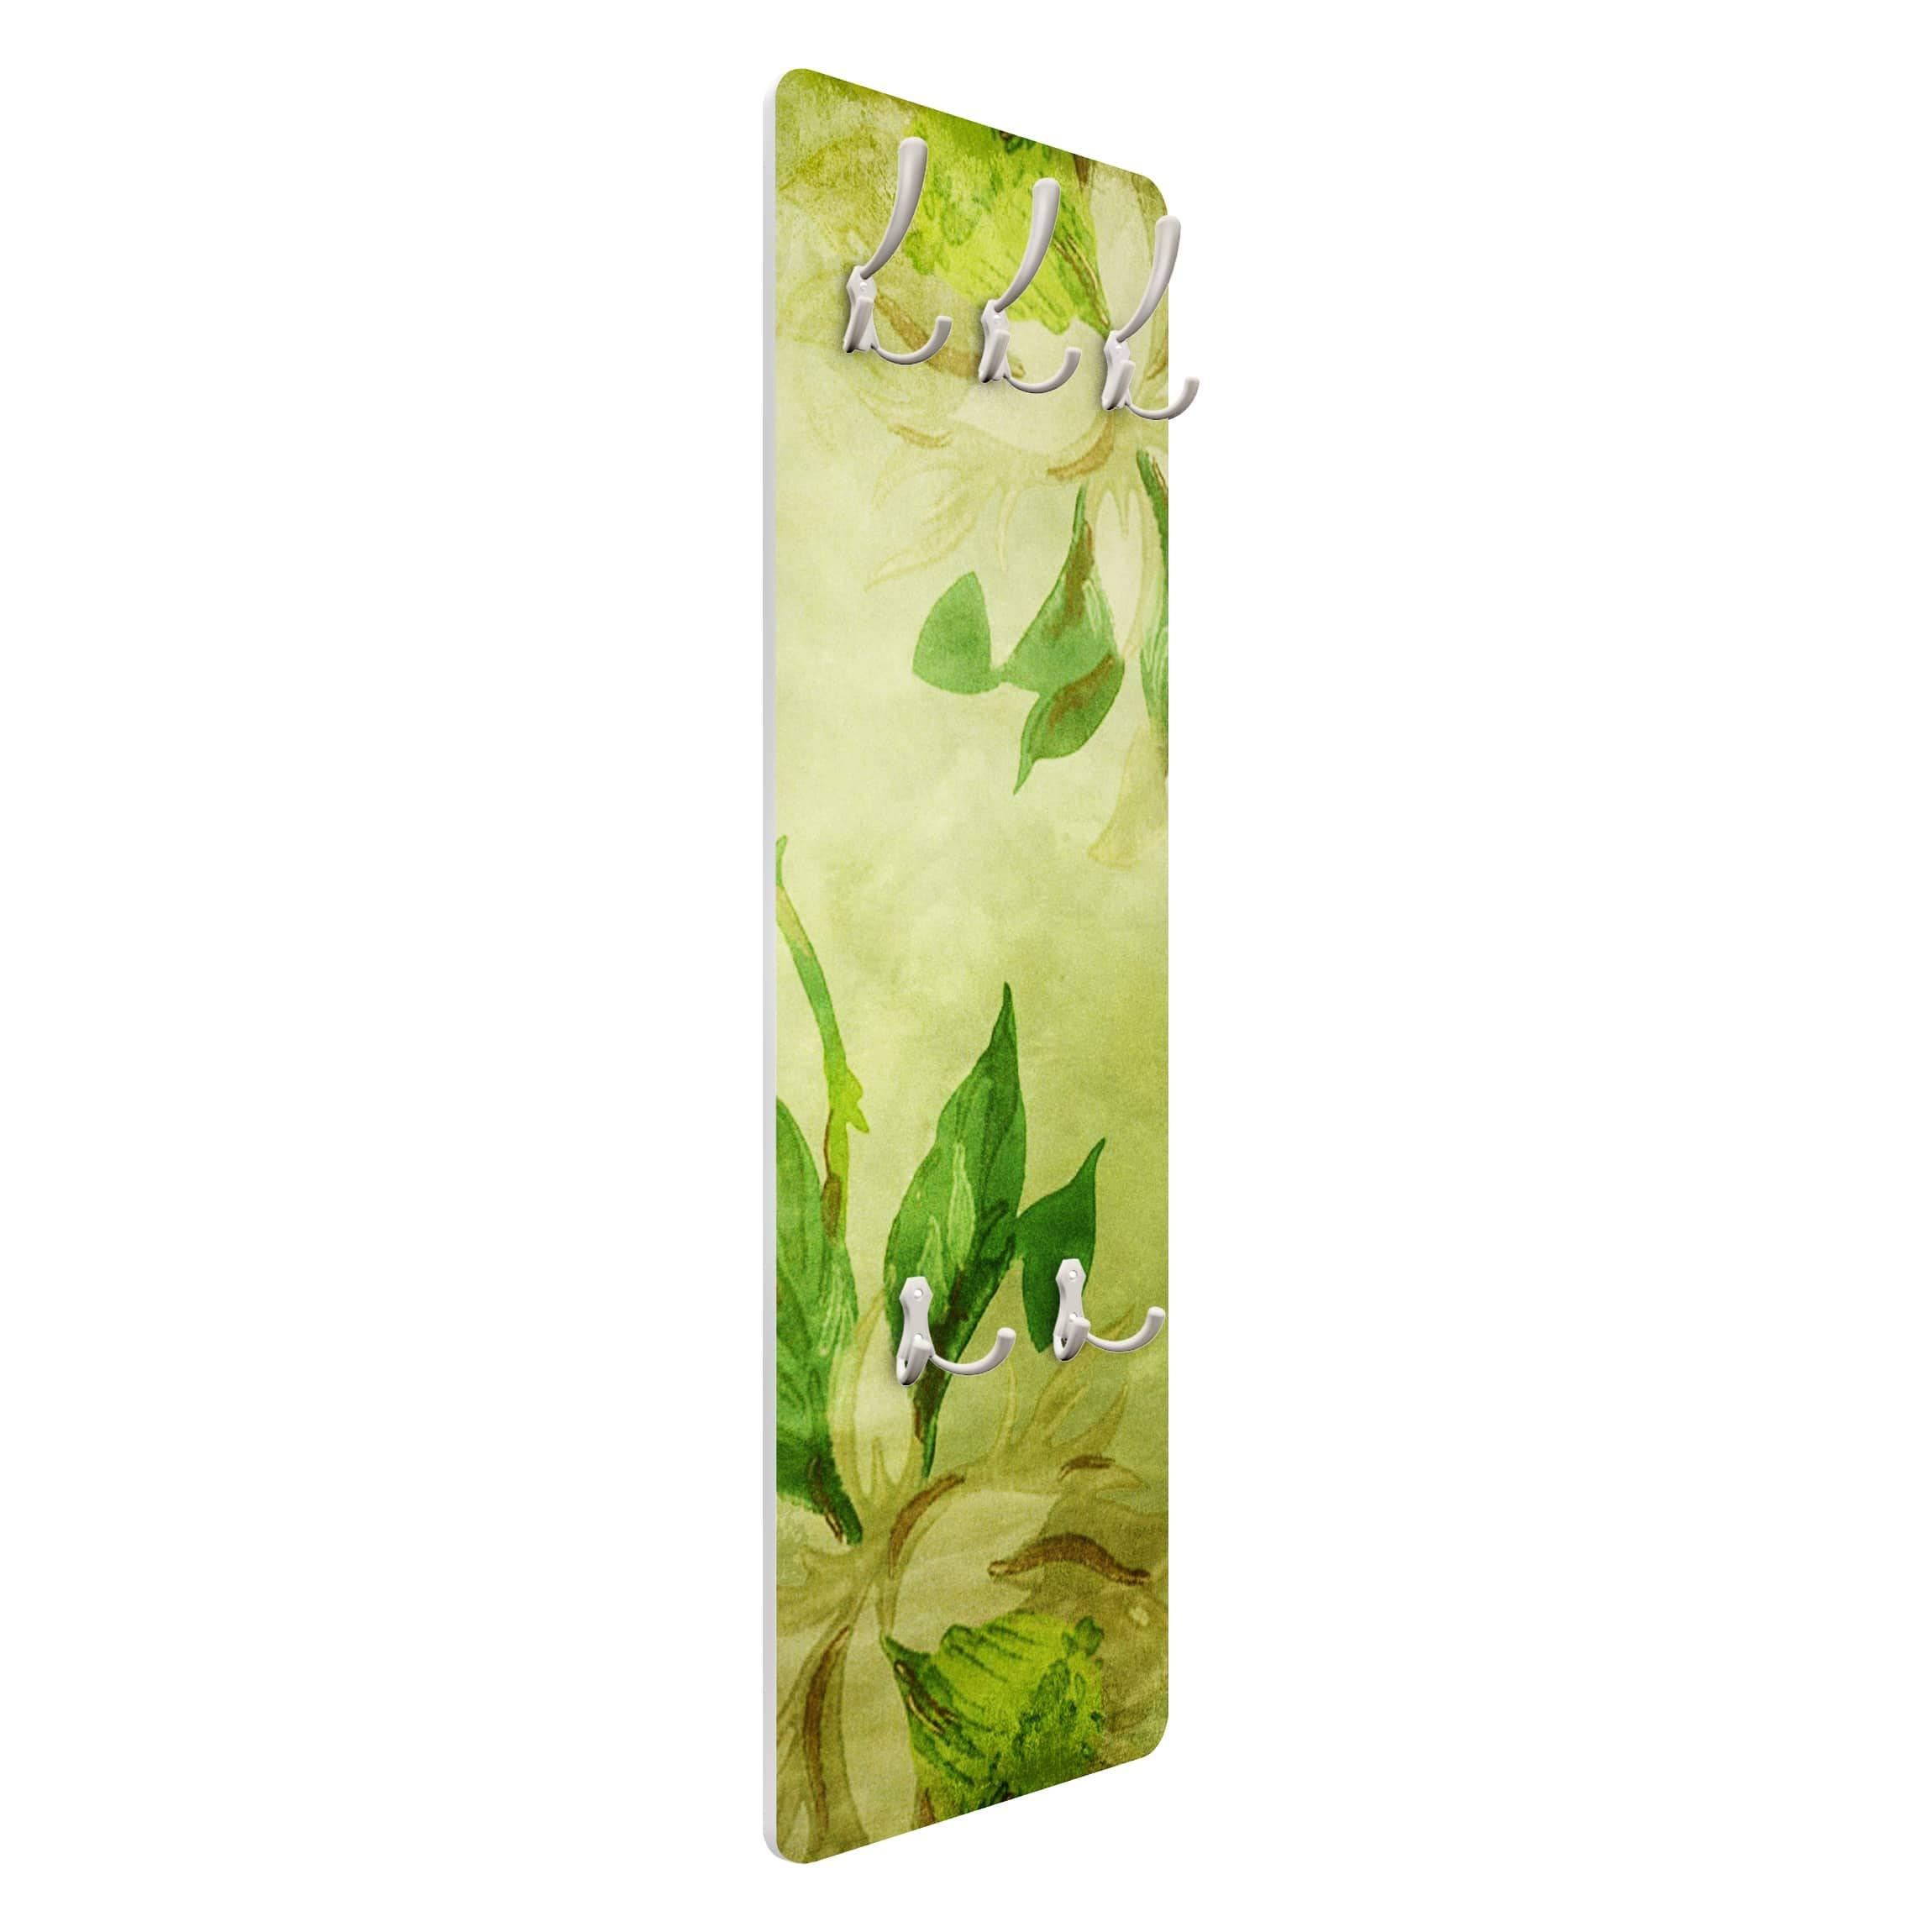 Valet /d/élicates orchid/ées 139/x 46/x 2/cm Portemanteau Porte-Manteau Dimensions Hxl: 139/cm x 46/cm Porte-Manteau Portemanteau/ Portemanteau Coatrack